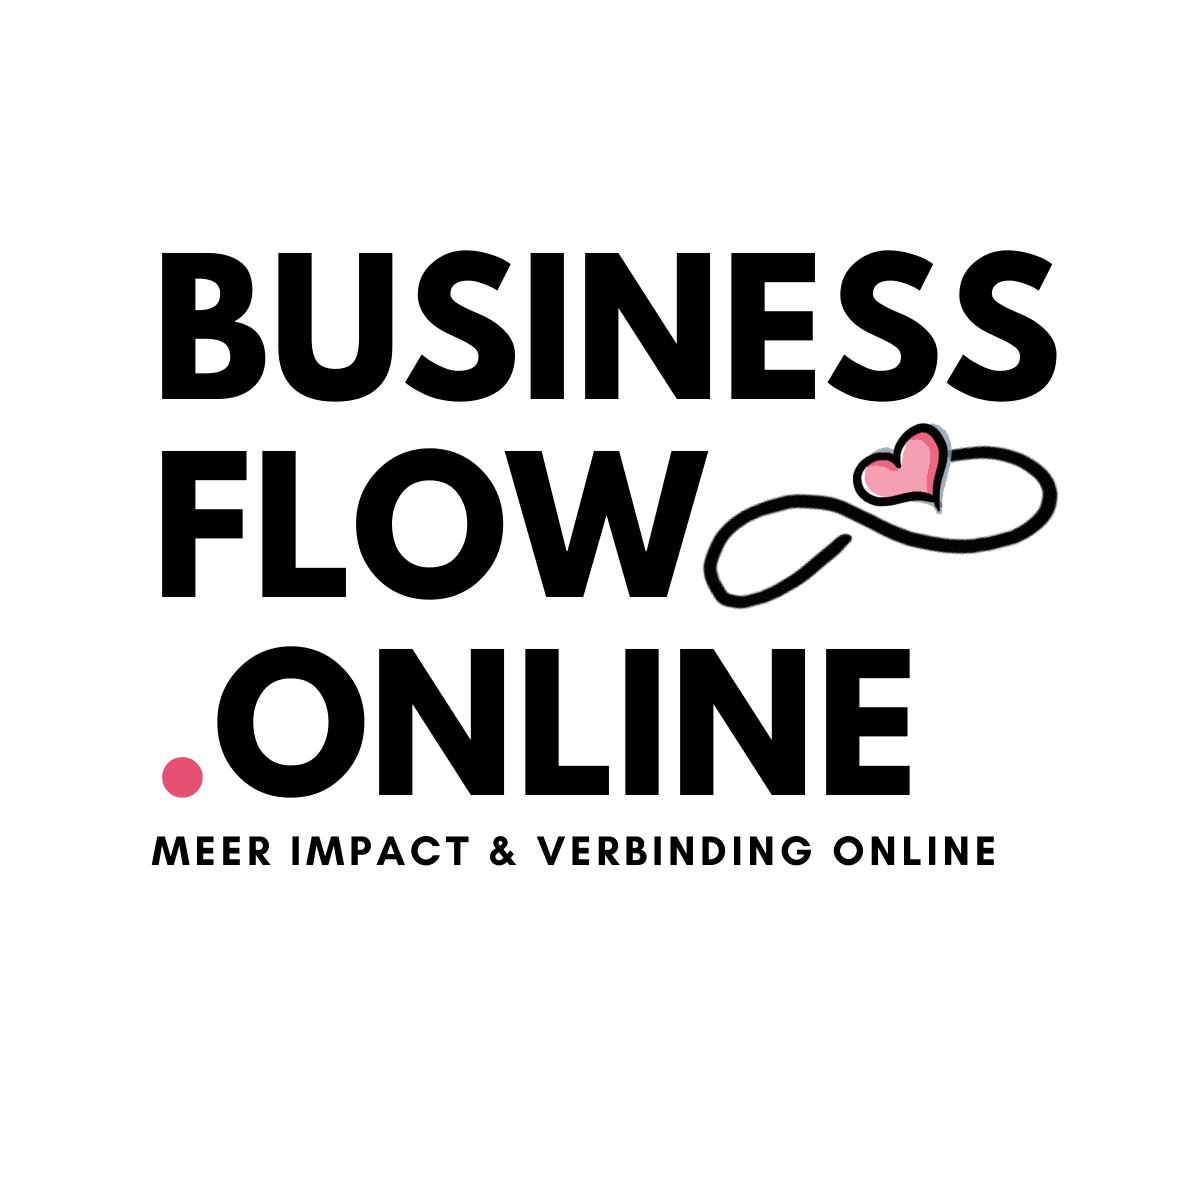 BusinessFlow.Online